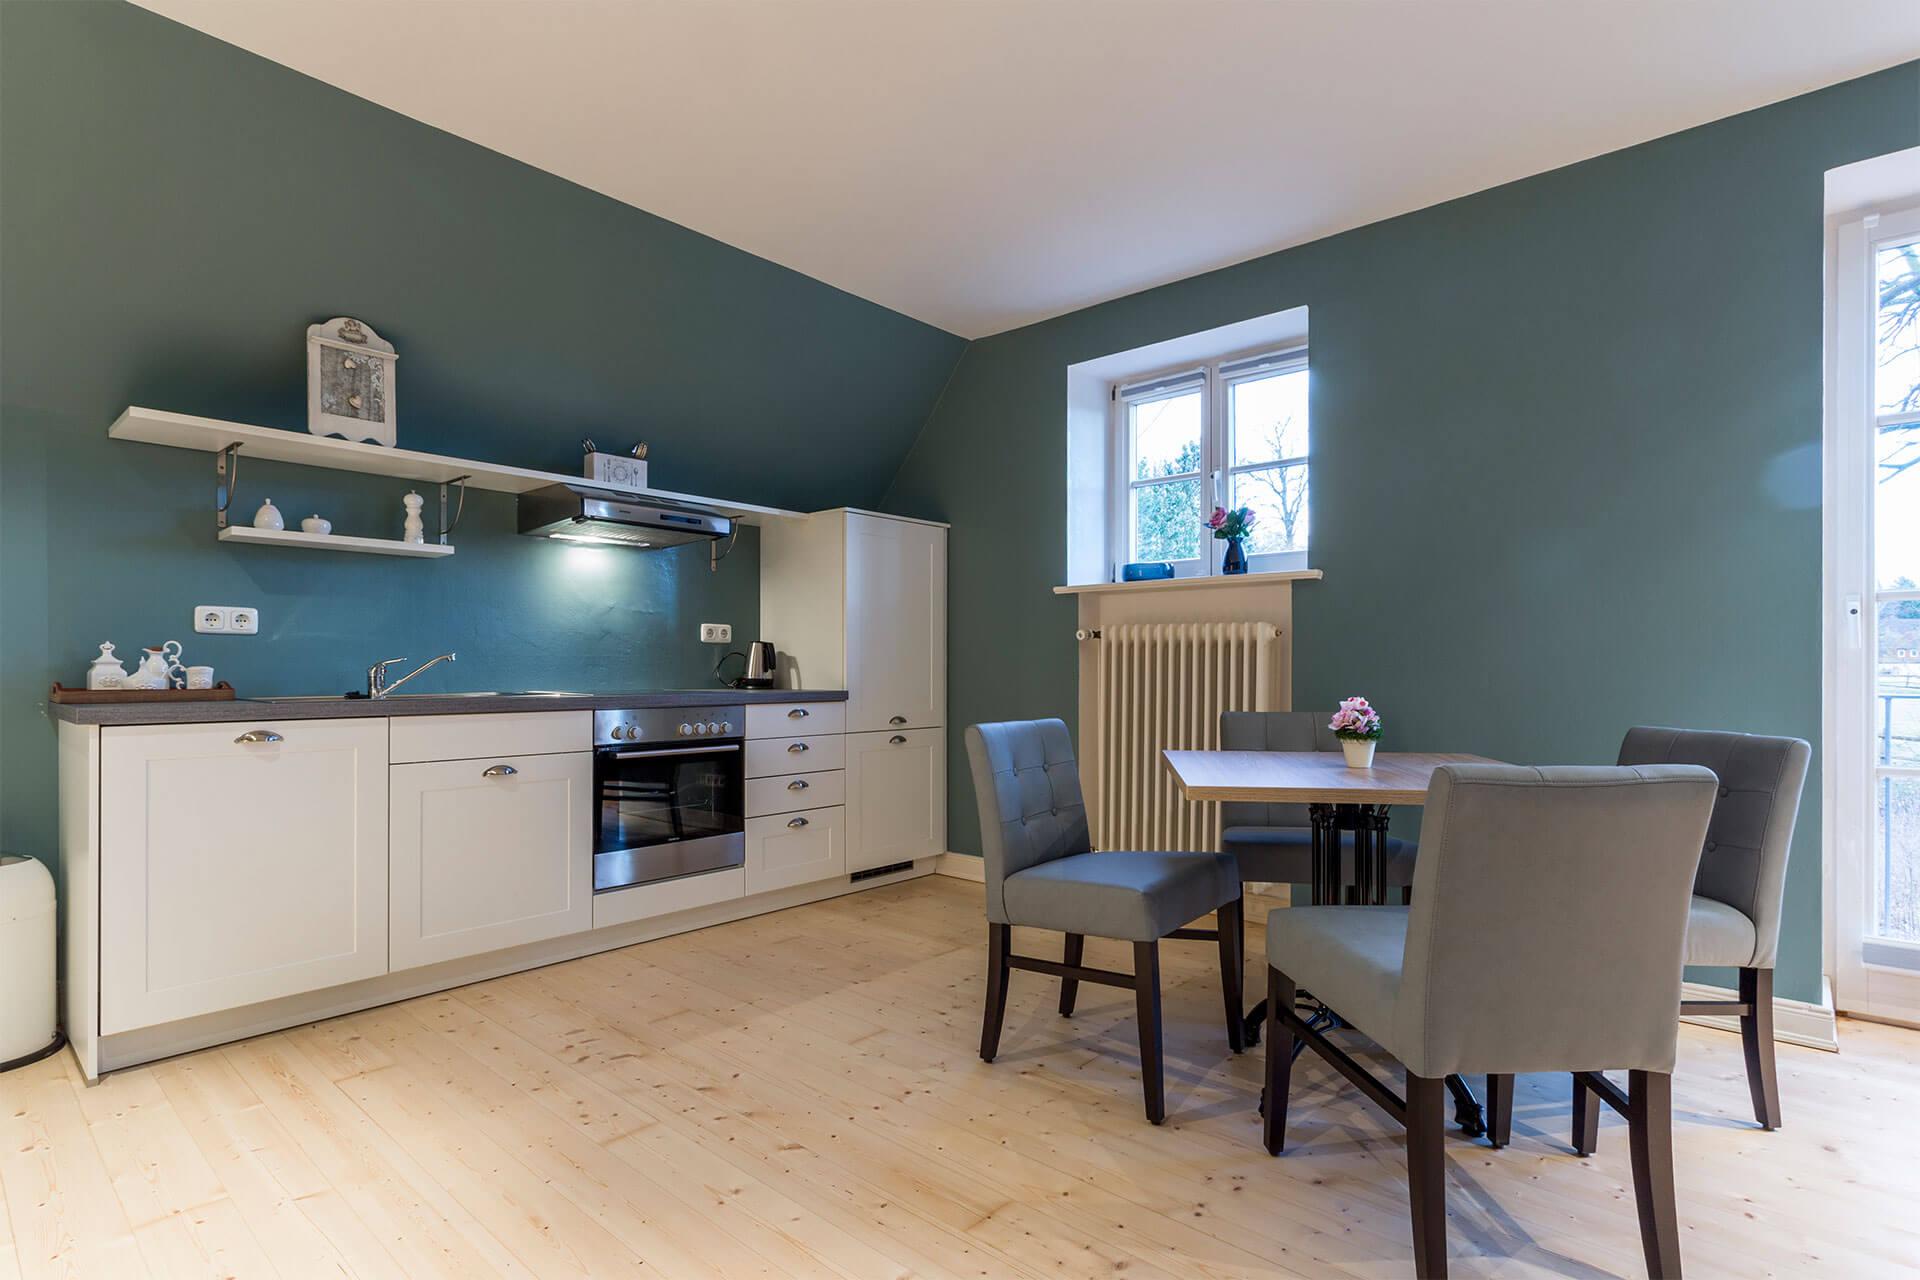 Küche im Landhausstil in Ferienwohnung Max mit Esstisch für 4 Personen